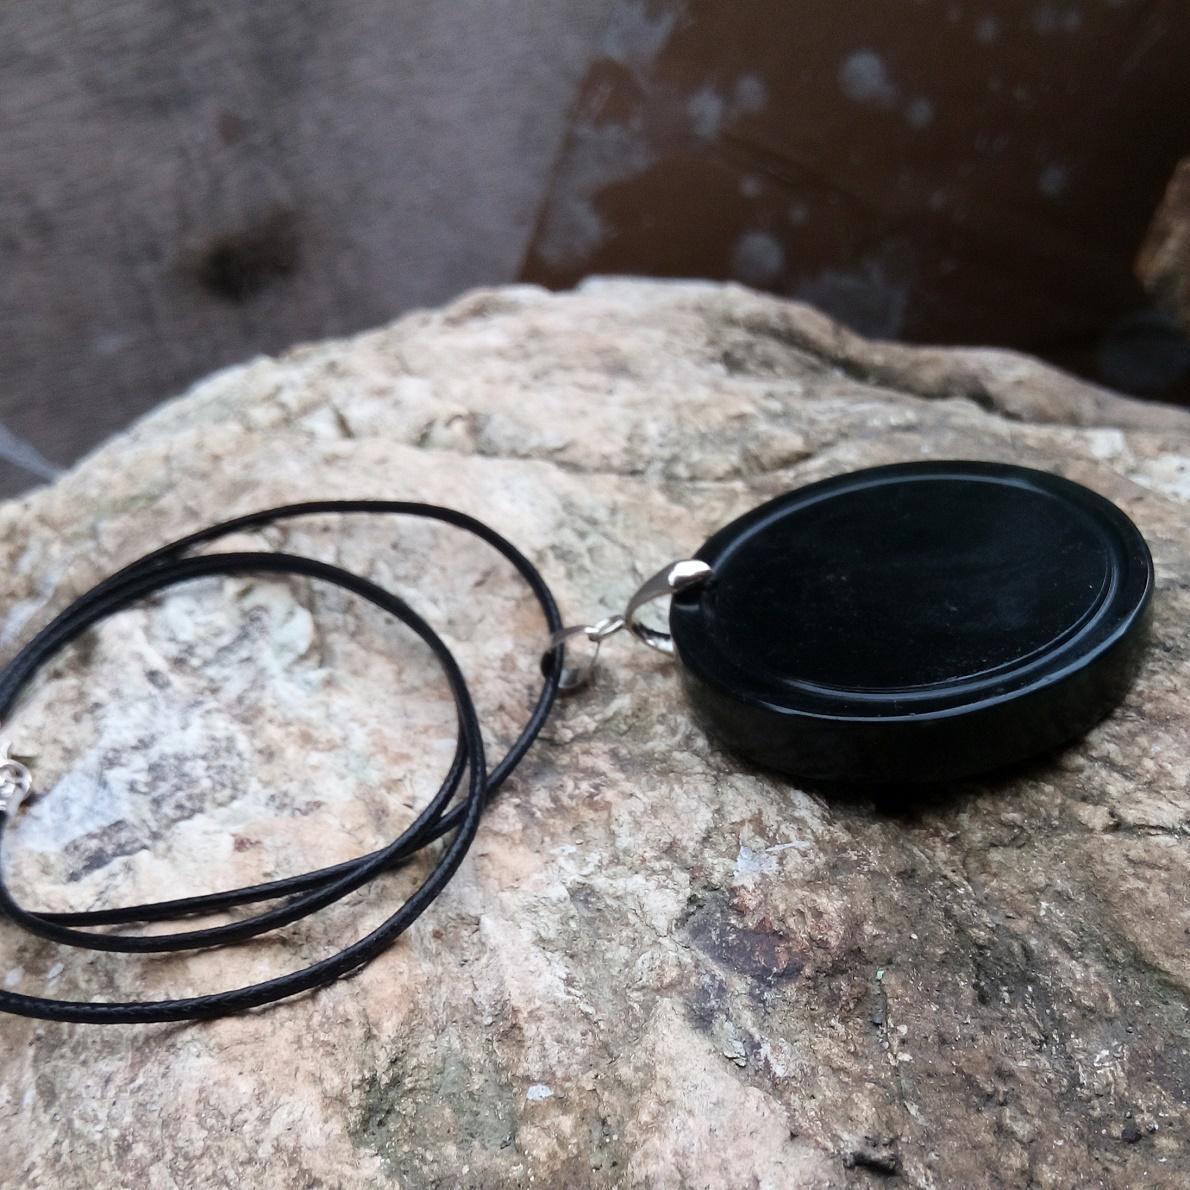 Giok Style Kalung Medalion Black Jade Terapi Daftar Update Harga Untuk Kesehatan Review Of Liontin Belanja Murah Hanya Rp76 314